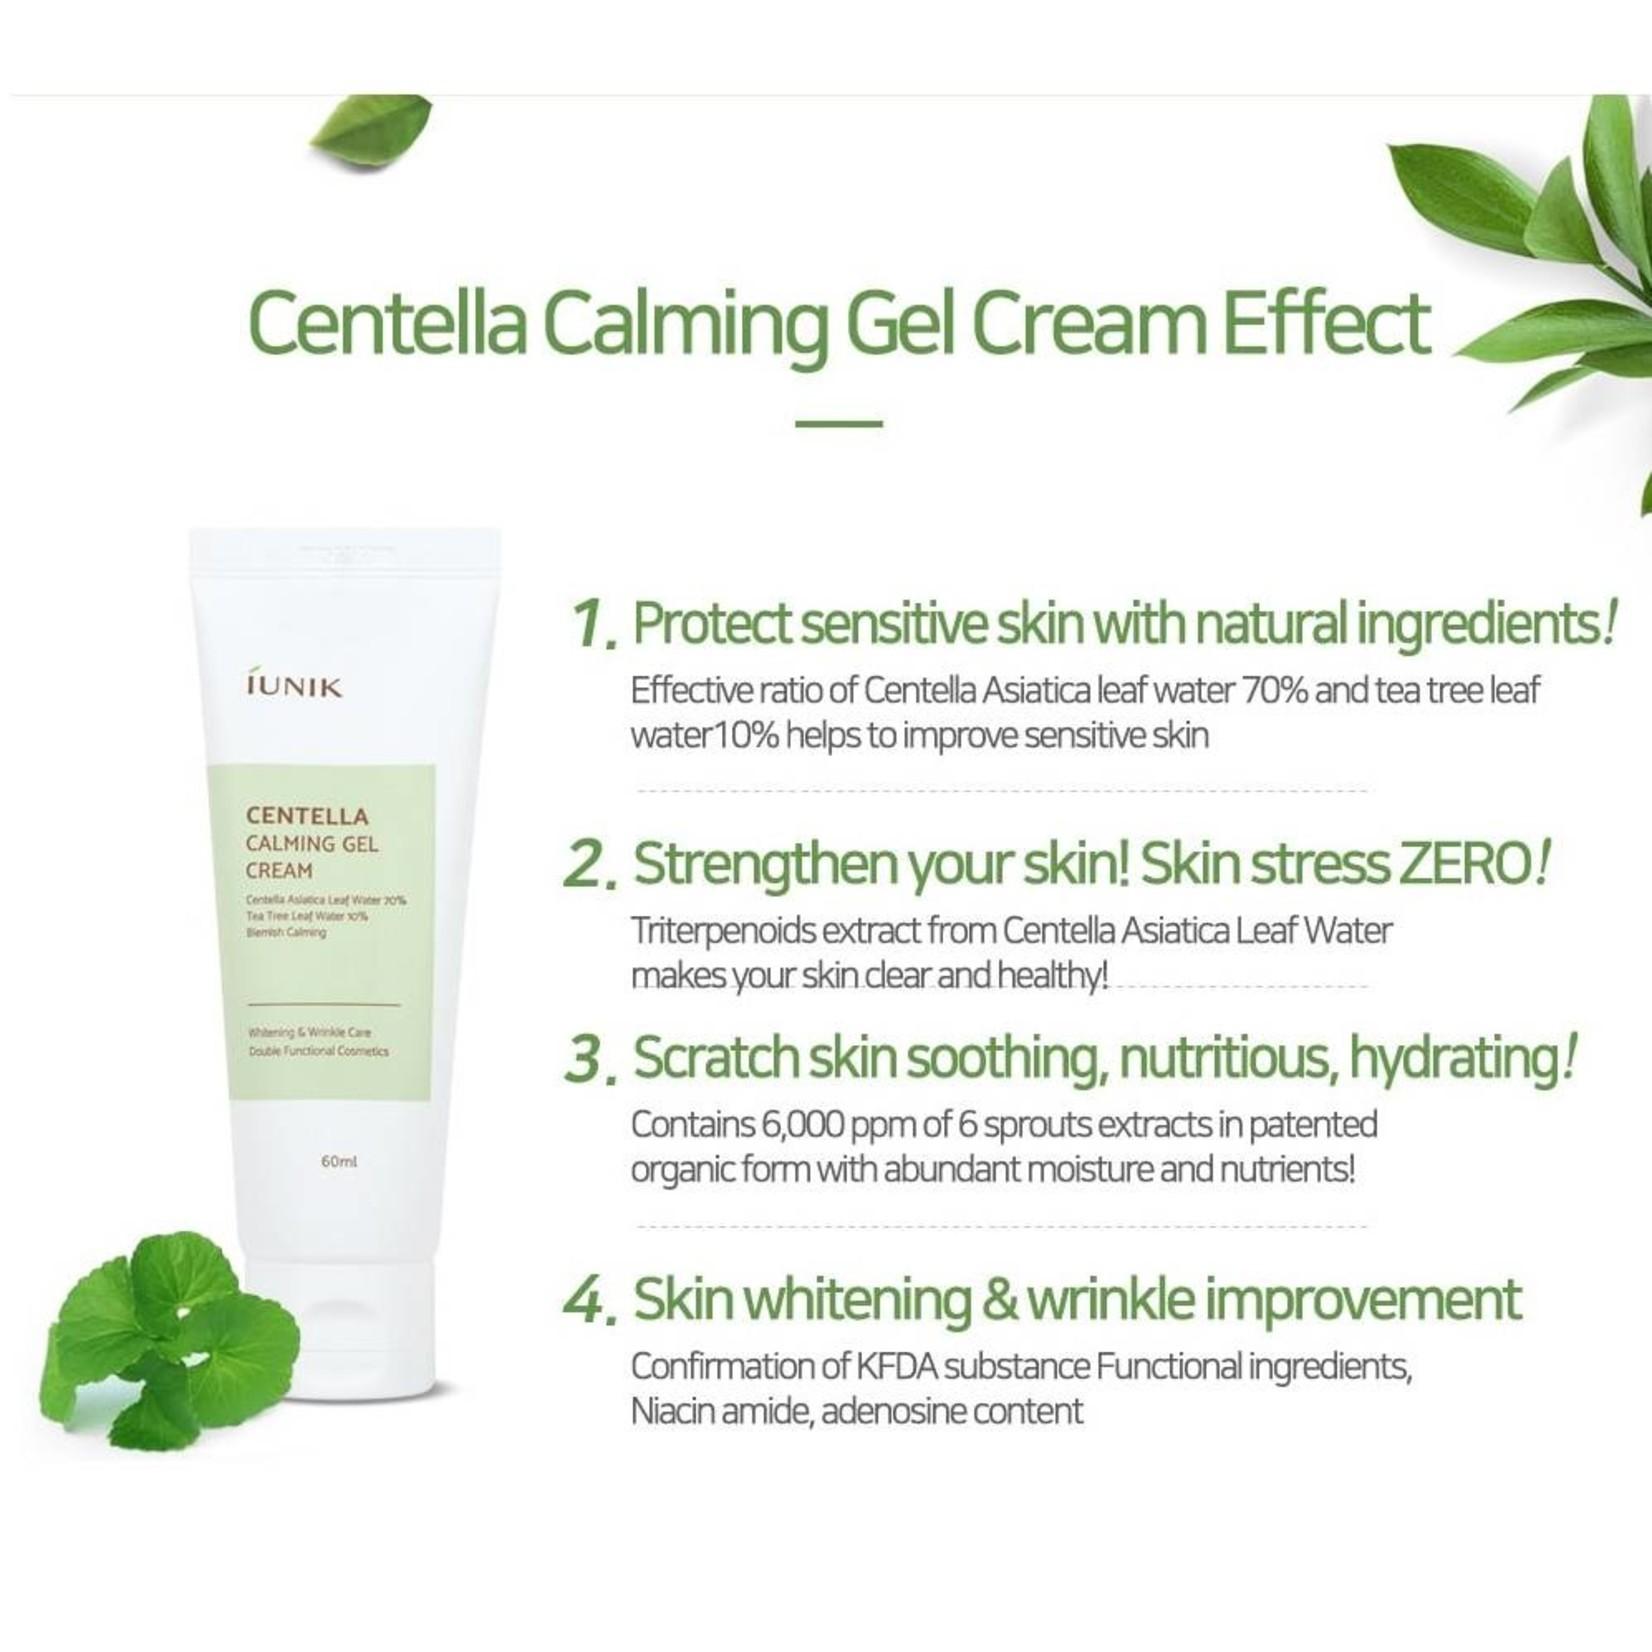 iUNIK Centella Calming Gel Cream